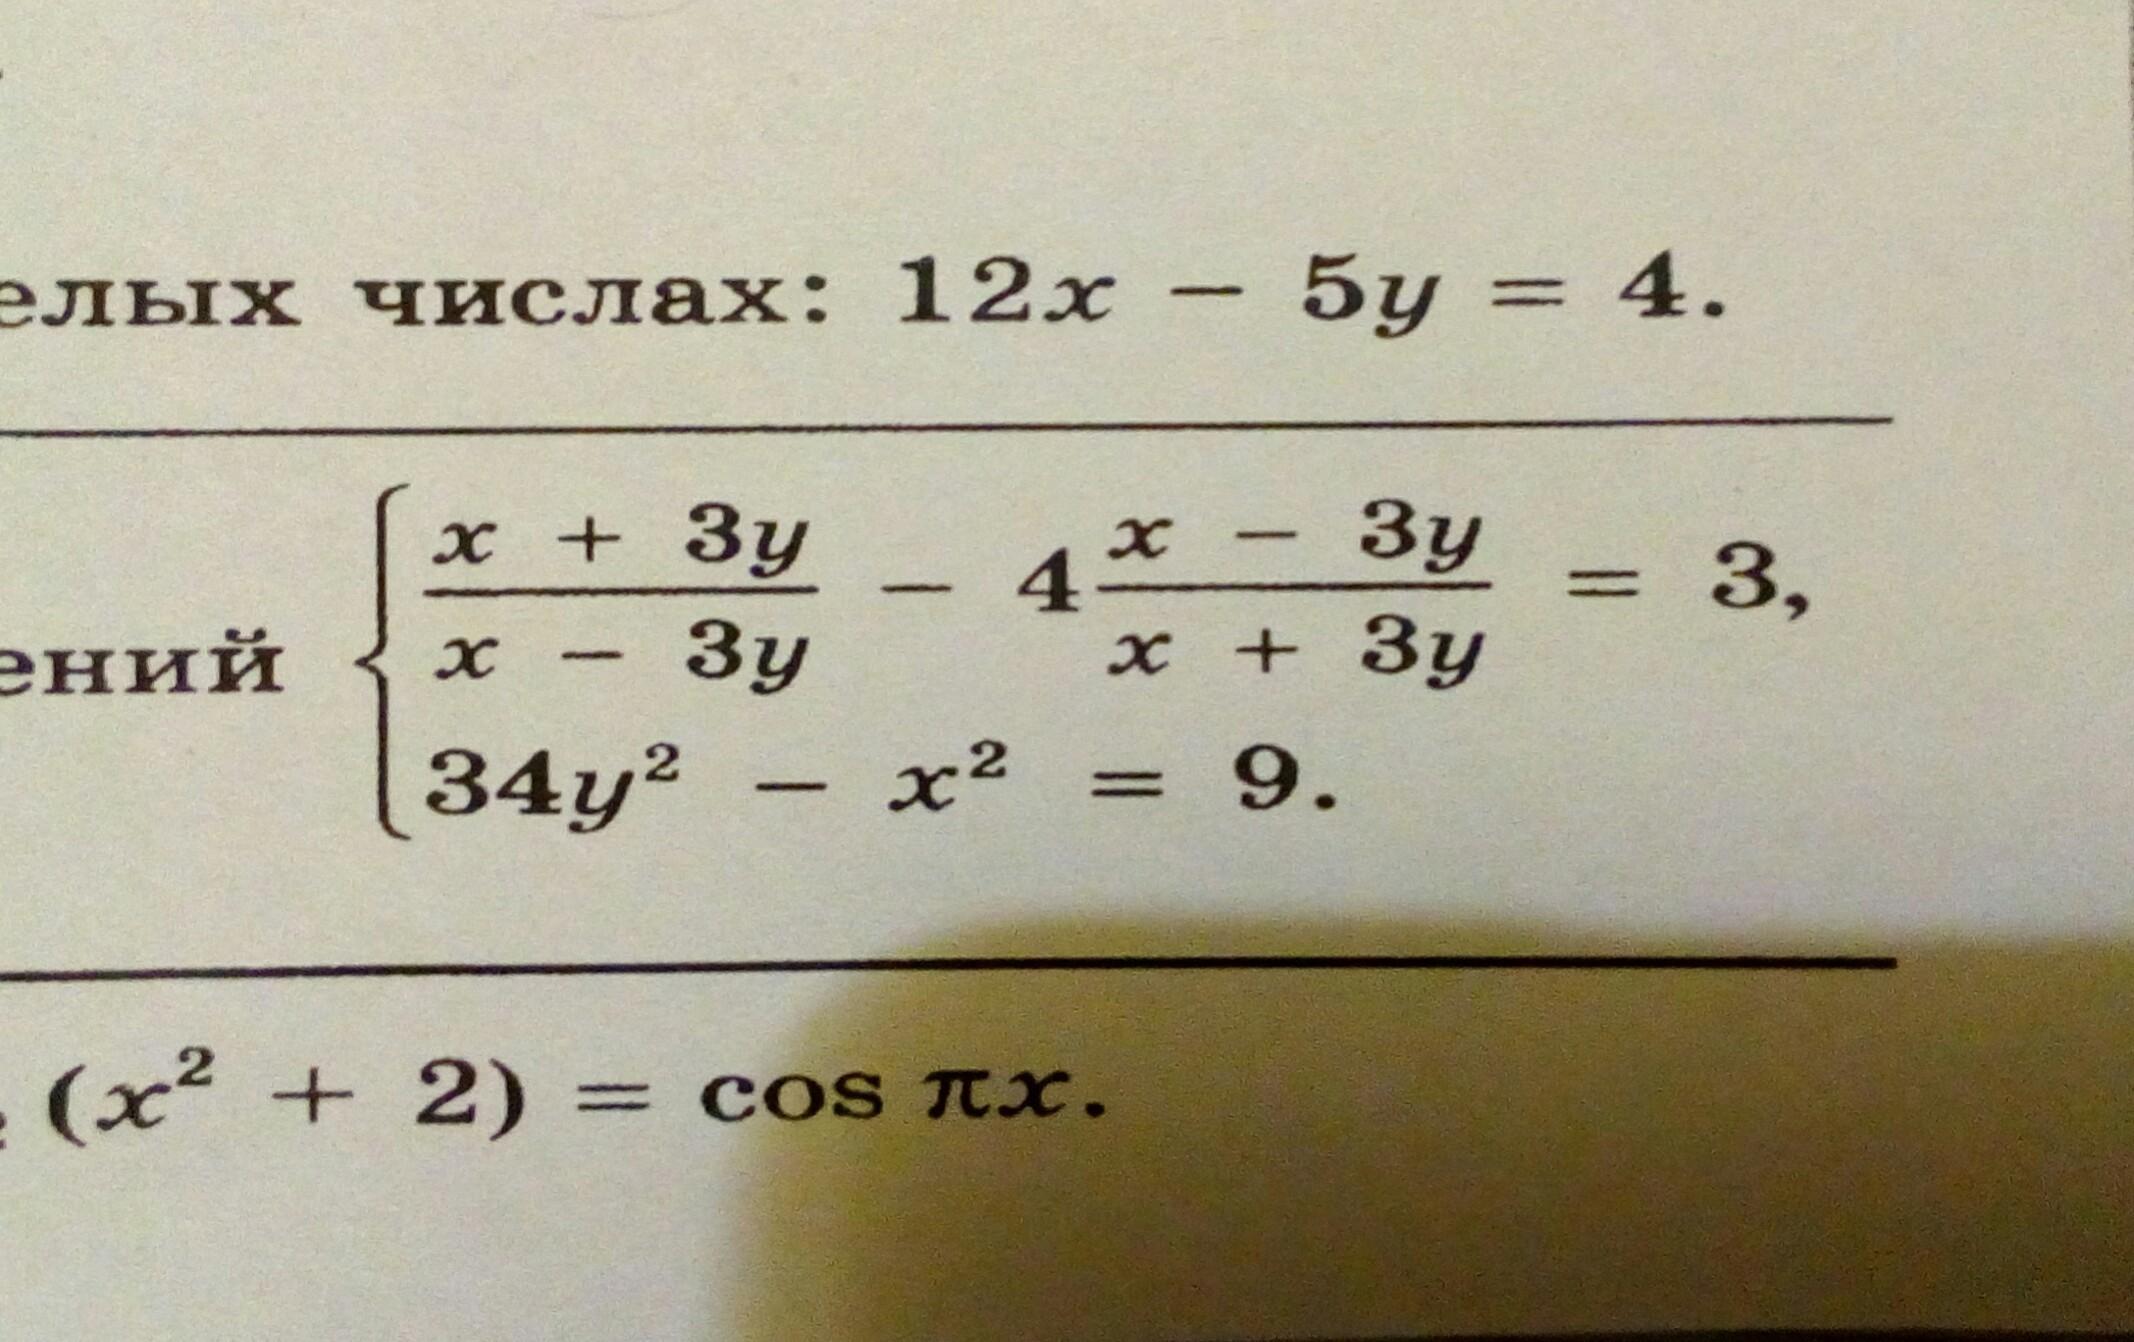 Помогите пожалуйста, очень срочно решить систему уравнений